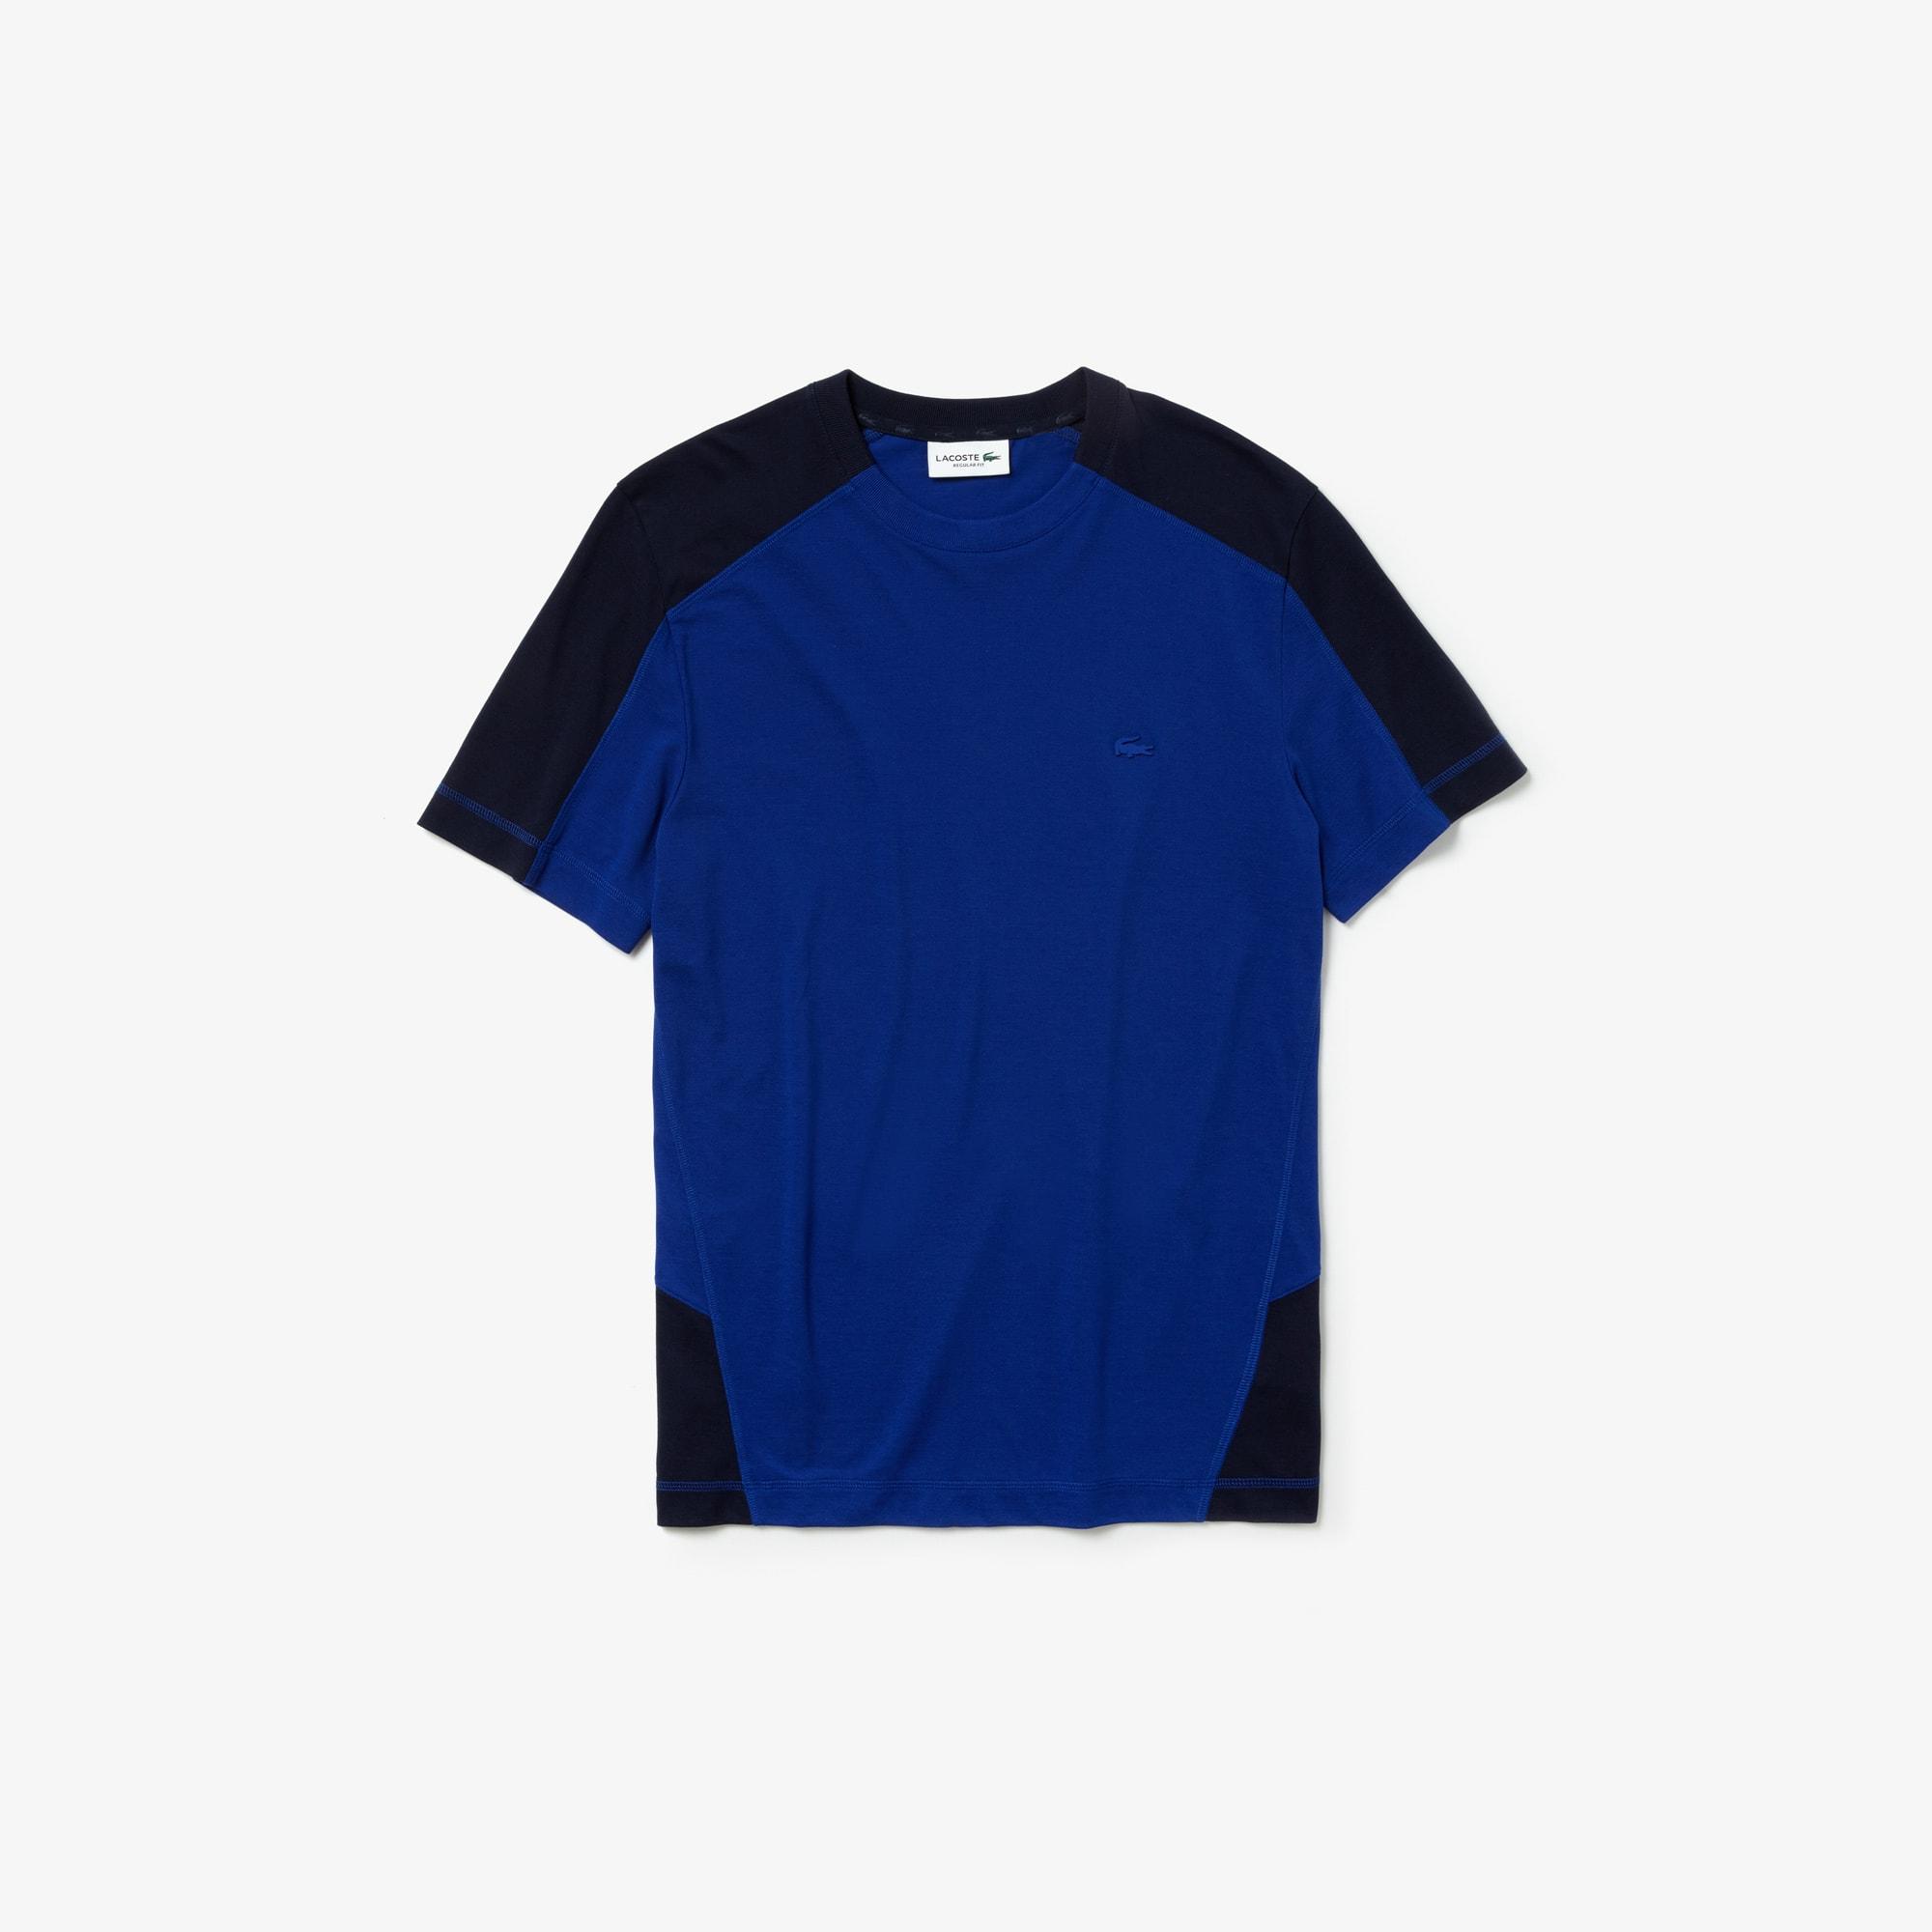 라코스테 반팔티 모션 울트라라이트 반팔 티셔츠 Mens Lacoste Motion Ultra Light Cotton T-shirt,Navy Blue / Navy Blue